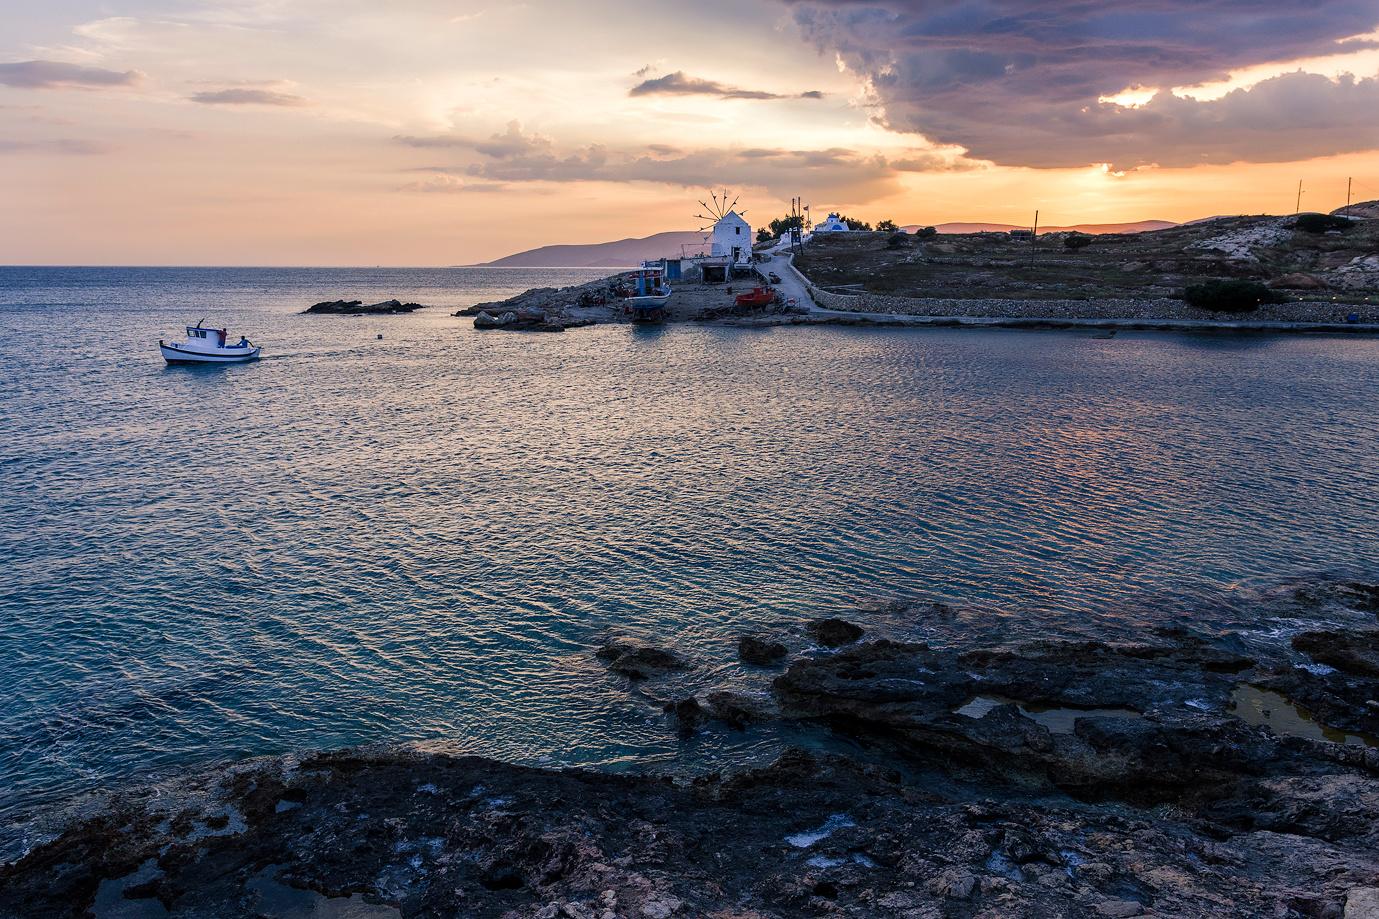 Small Cyclades Island - Greece by Michael Kuszla